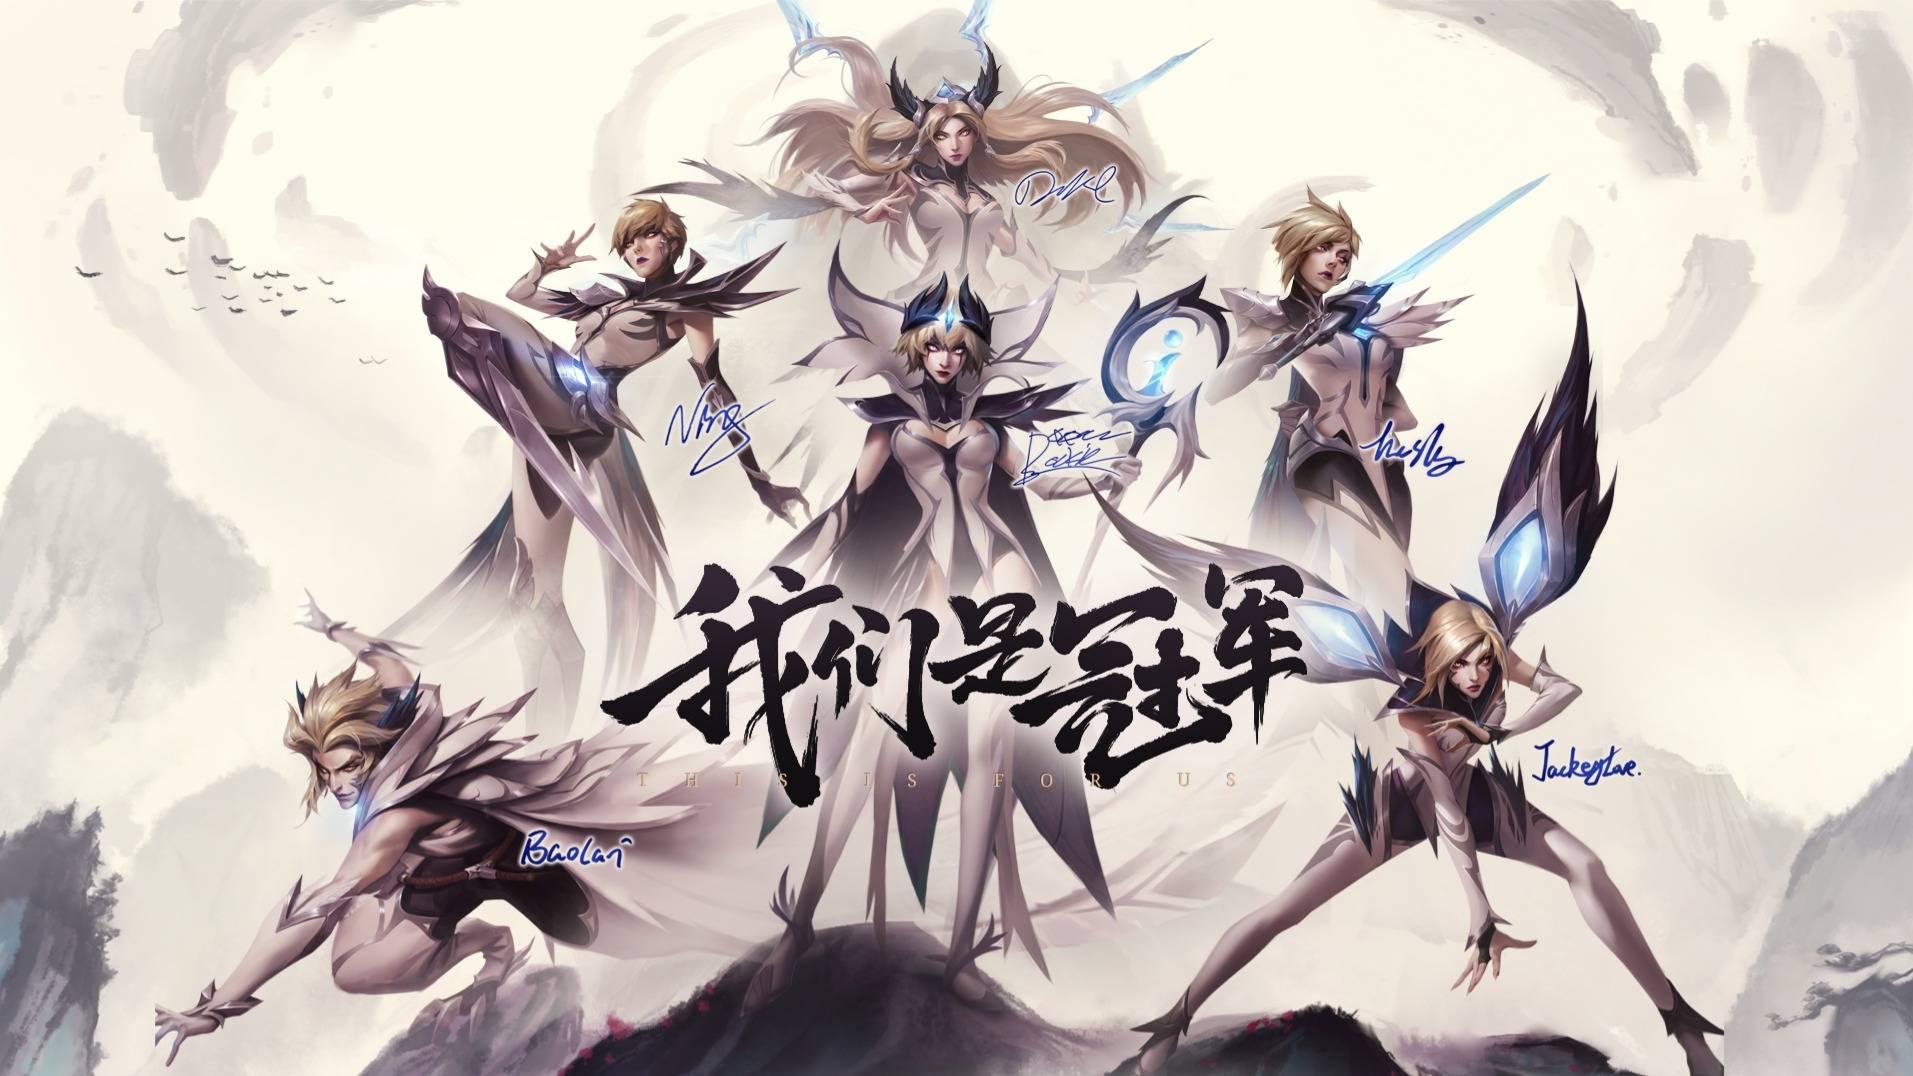 http://www.qwican.com/youxijingji/1092960.html